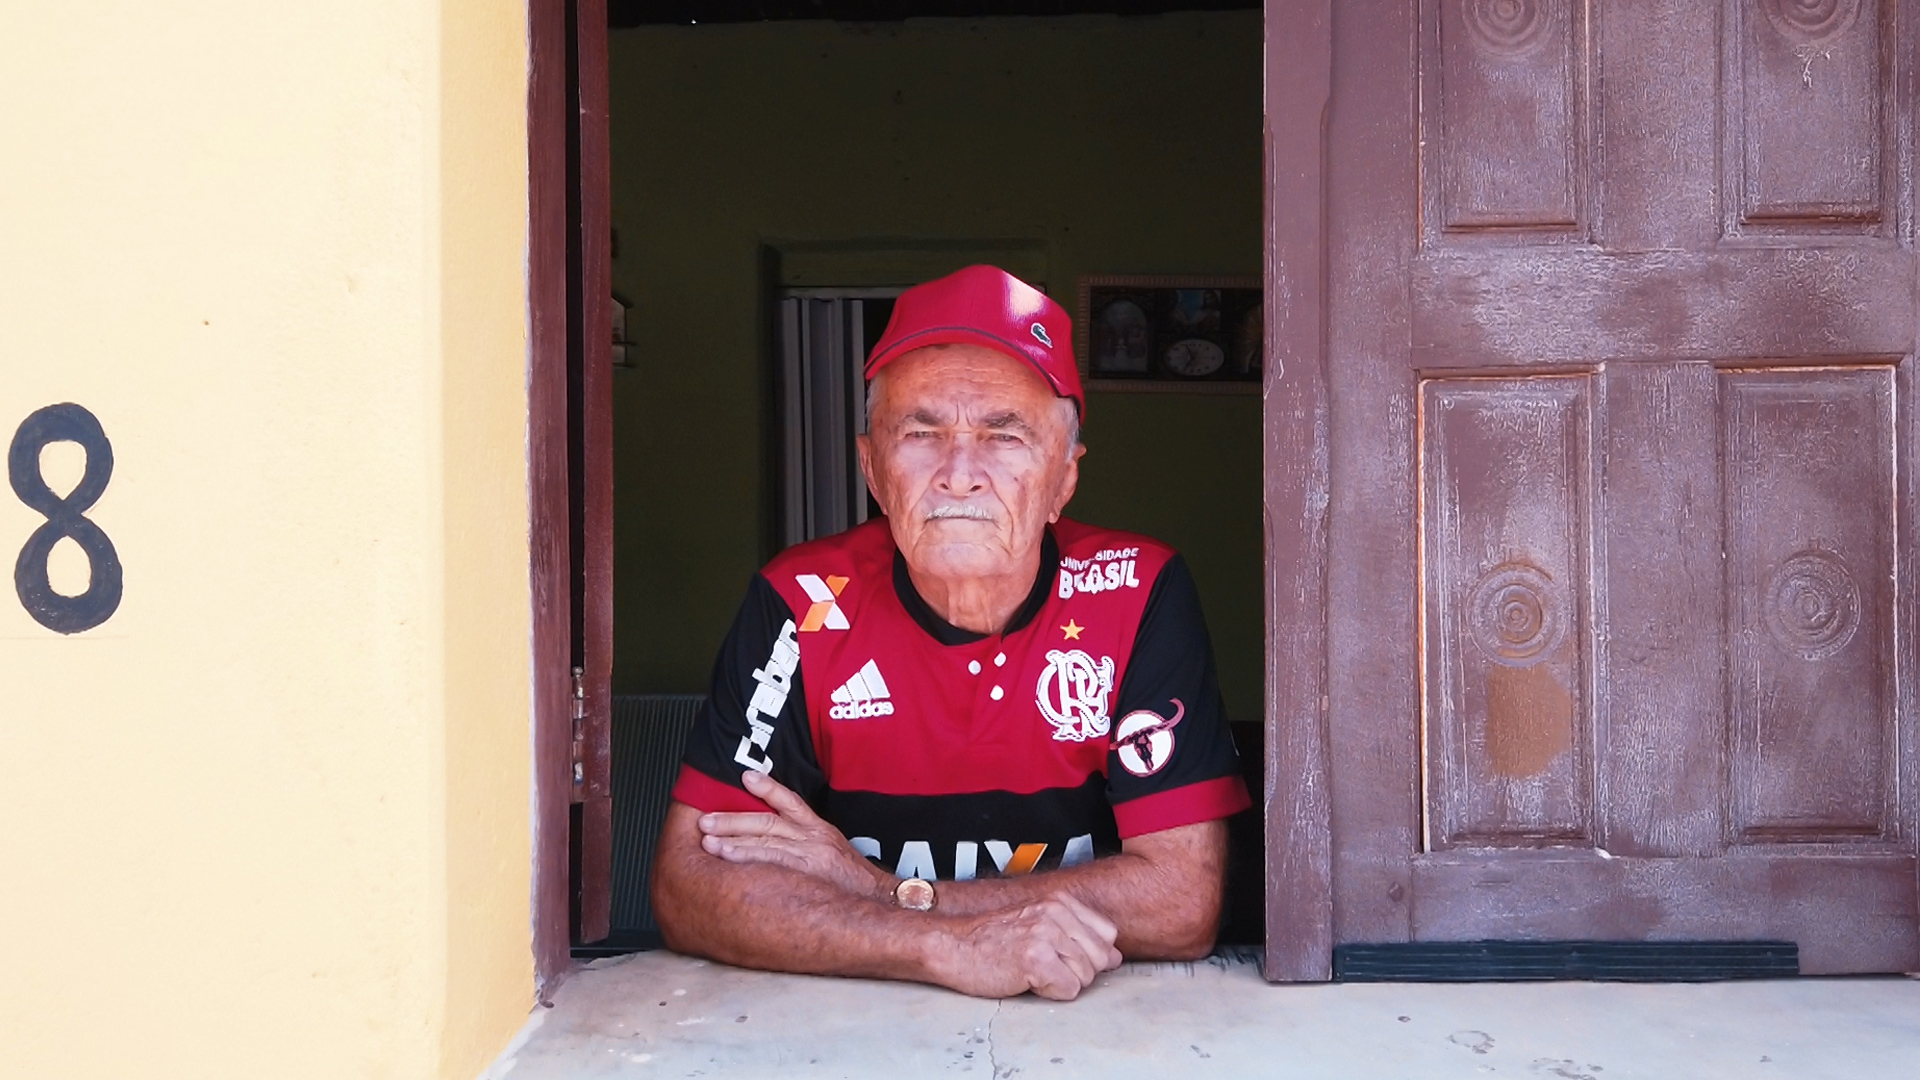 Aqui é Flamengo